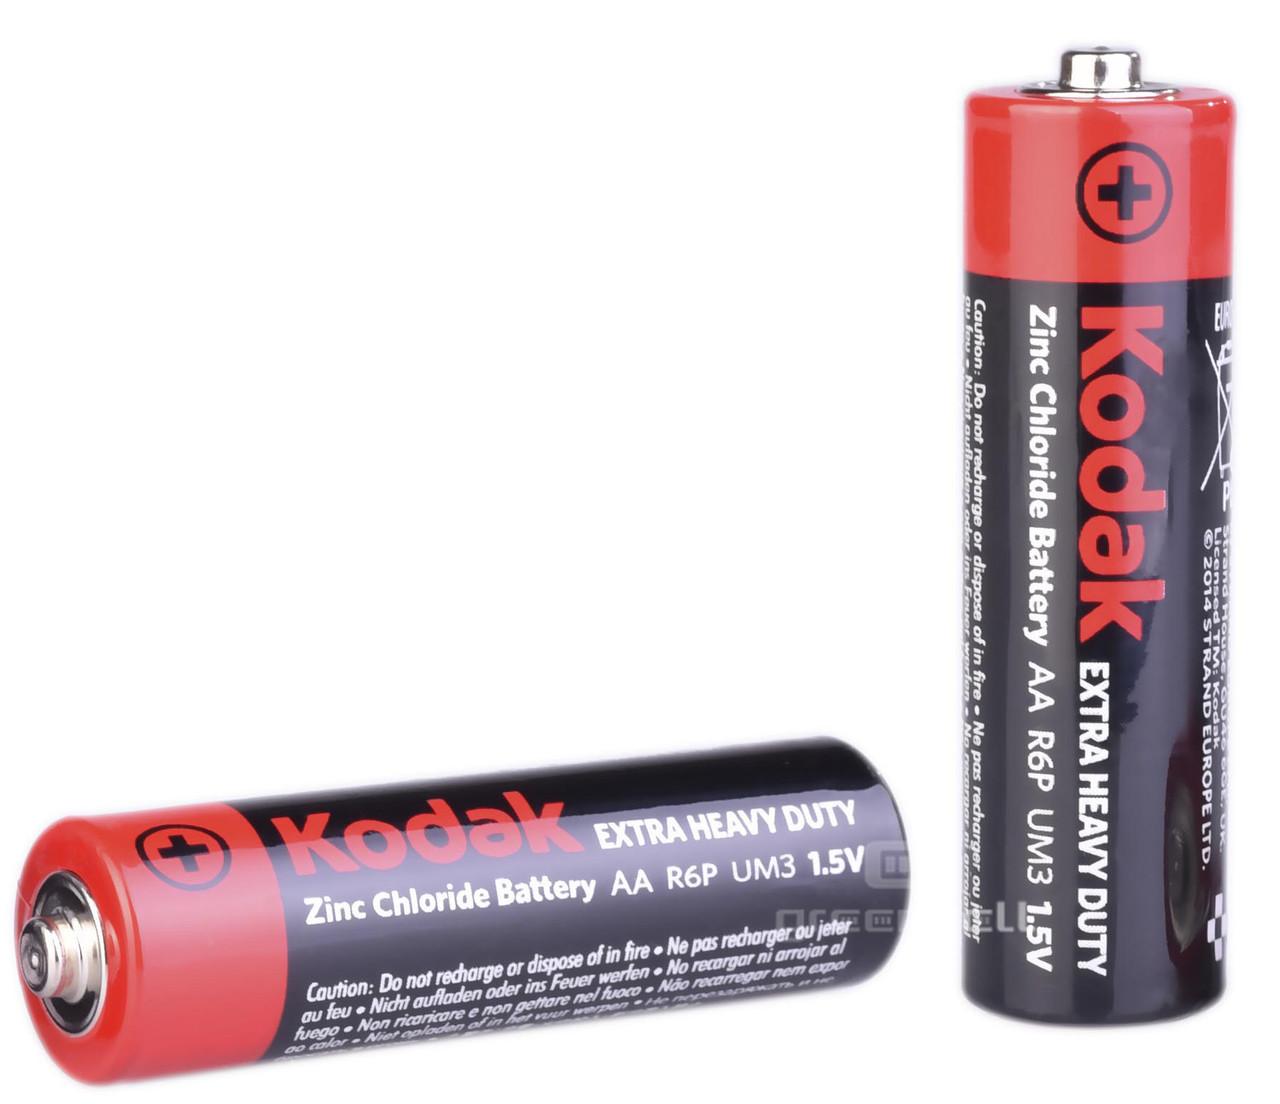 Батарейка Kodak EXTRA HEAVY DUTY R6